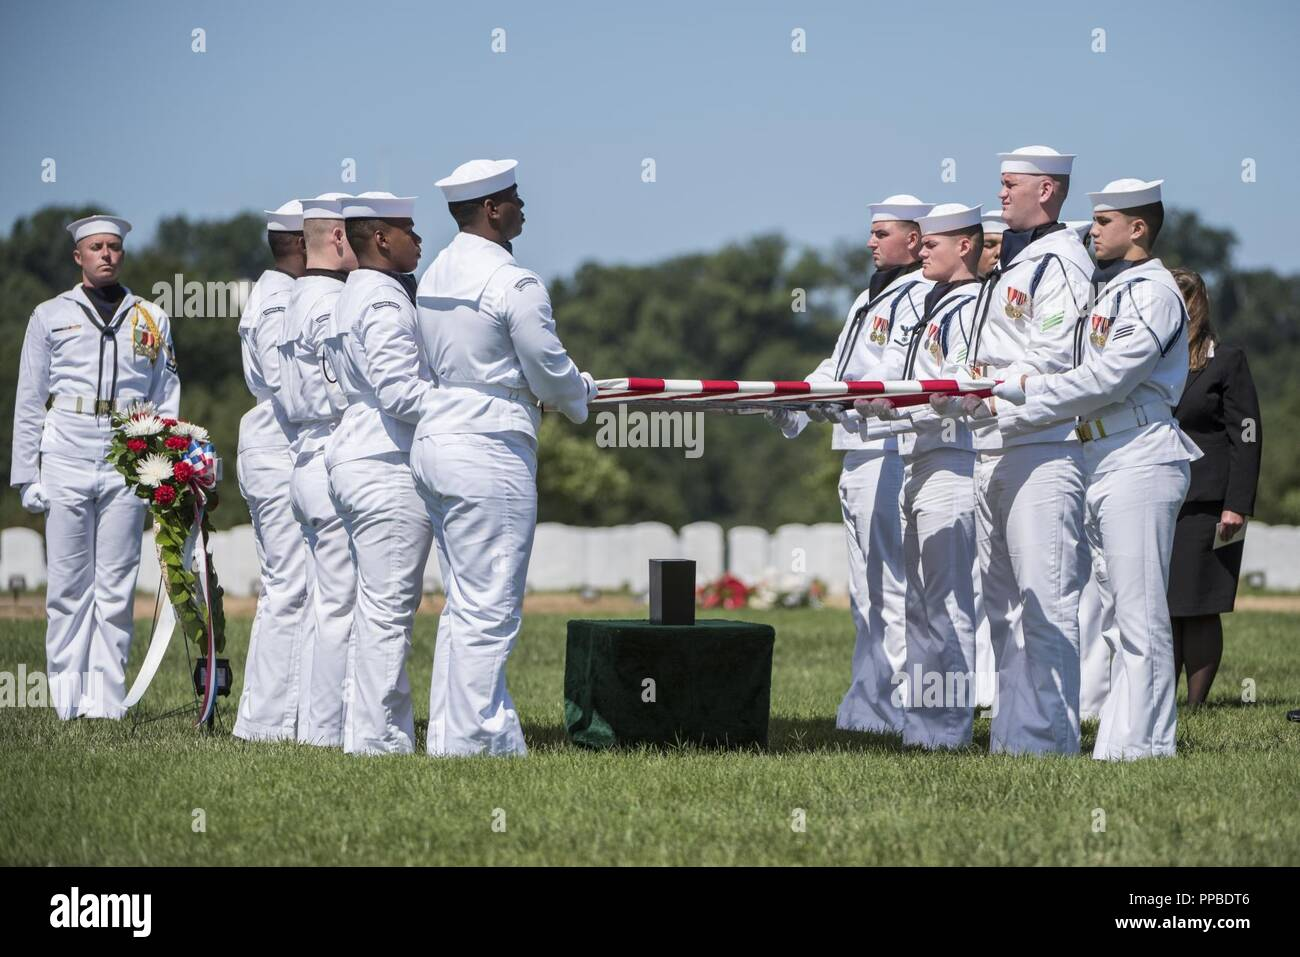 Los marineros de la Marina de los EE.UU. Mantenga la Guardia Ceremonial de la bandera de los EE.UU. durante todos los honores funerarios El Teniente Comandante de la Marina de los Estados Unidos William Liebenow en la sección 62 del Cementerio Nacional de Arlington, Arlington, Virginia, 23 de agosto de 2018. El 7 de agosto de 1943, una patrulla patroneado Liebenow barco torpedo para rescatar a los marineros de PT-109 que habían sobrevivido a varios días en inhóspitas islas tras un destructor japonés había embestido su barco, matando a dos miembros de la tripulación. Entre las personas rescatadas fue la bunkmate Liebenow, John F. Kennedy, entonces de 26. Por sus actos de heroísmo durante la II Guerra Mundial, recibió la medalla de bronce y estrellas de plata. Su Foto de stock